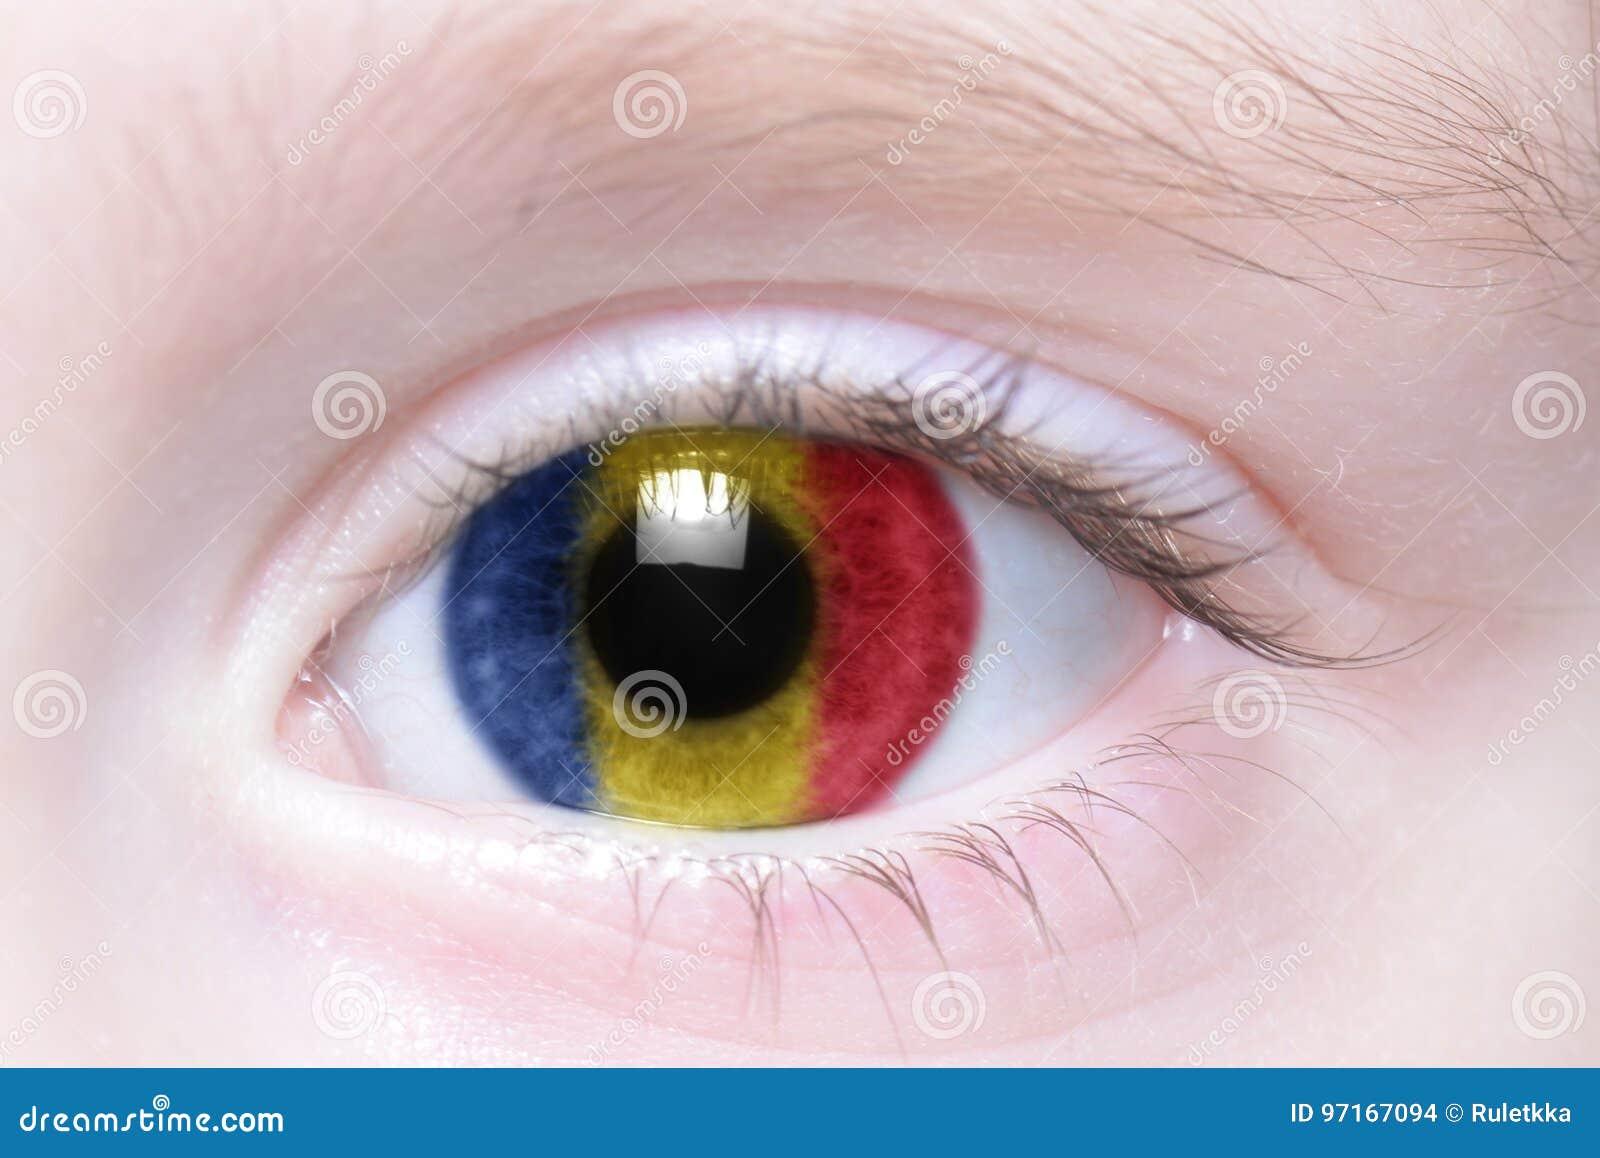 Menschliches Auge mit Staatsflagge von Rumänien